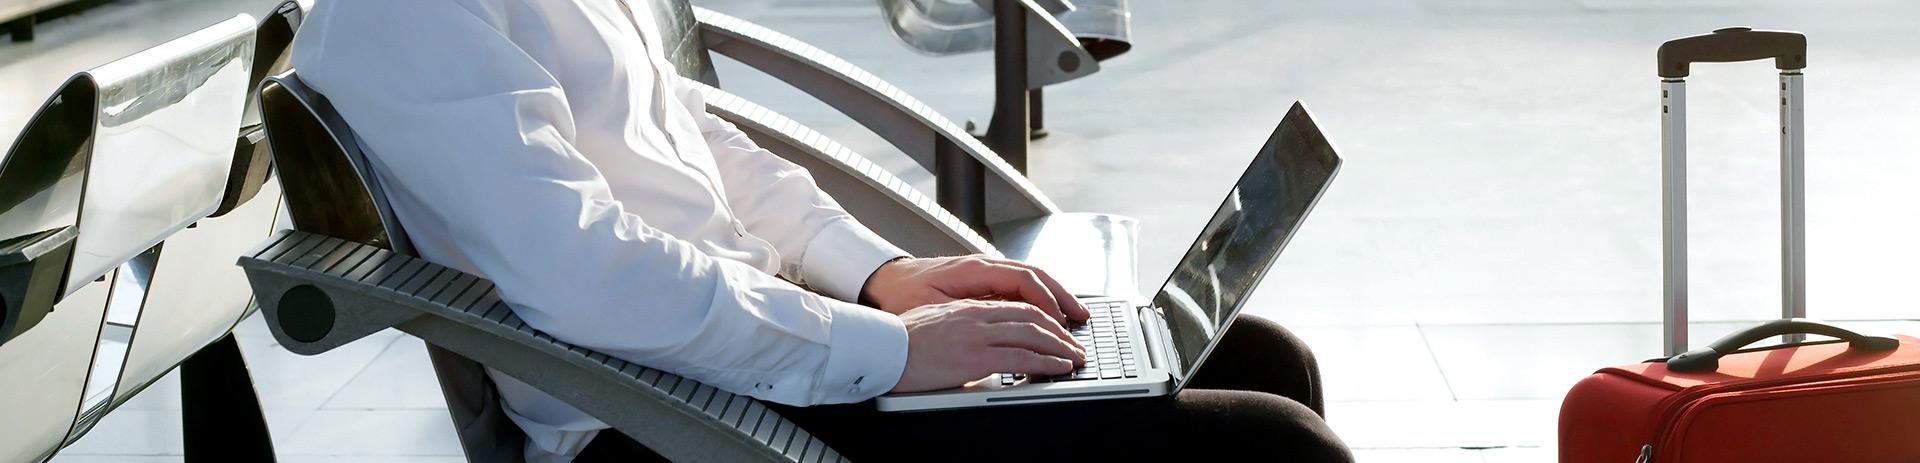 Businessmann am Flughafen mit Laptop